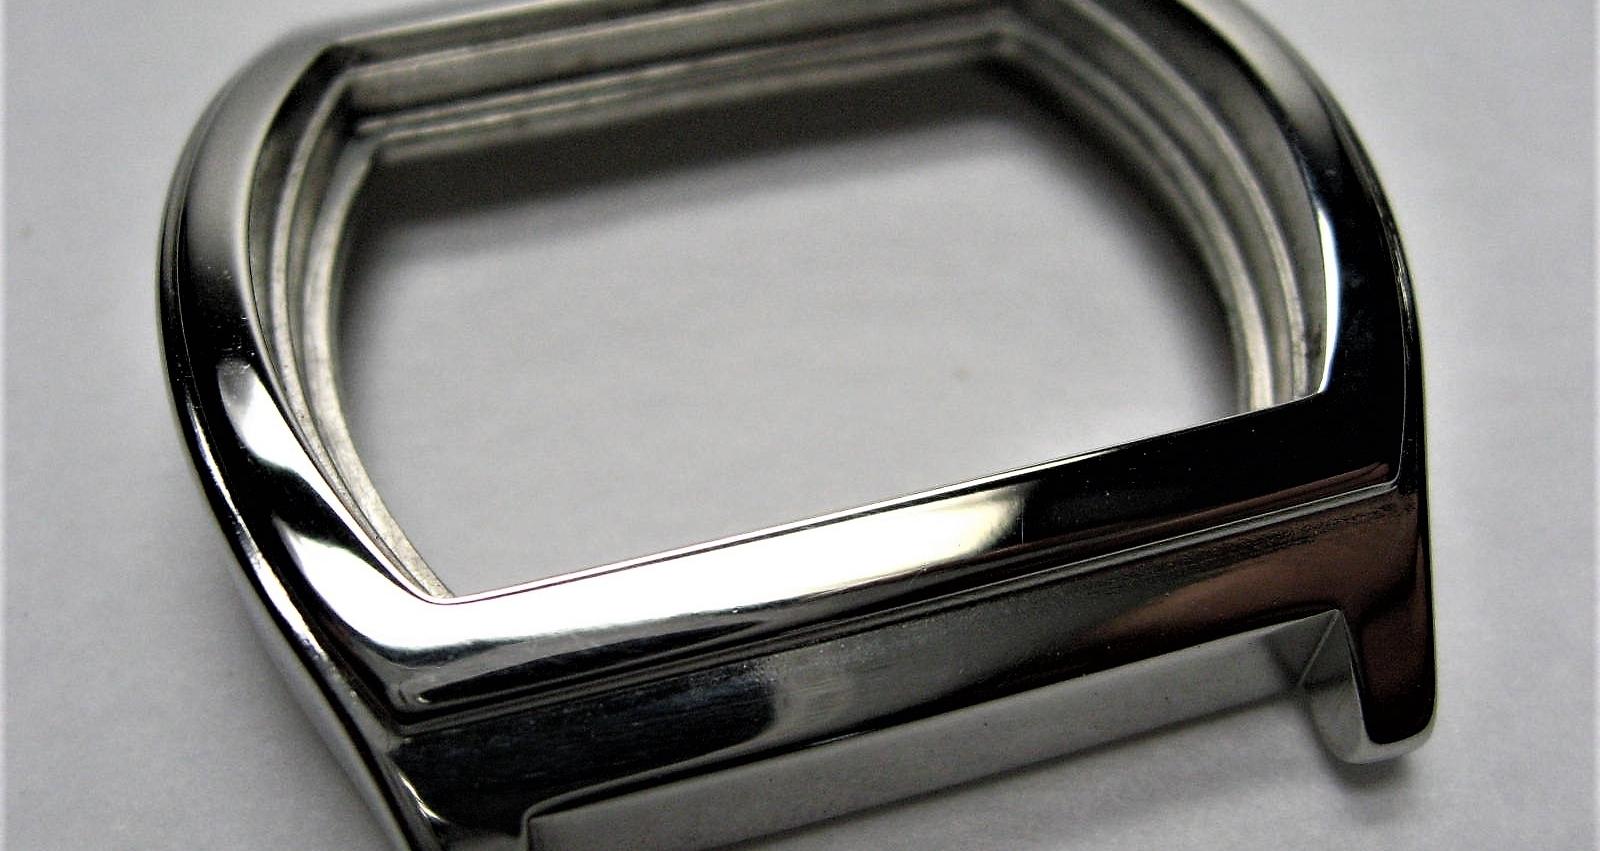 HOrloge - - Ontbramen en polijsten van horlogekasten- Vervangt of beperkt handmatige bewerkingen